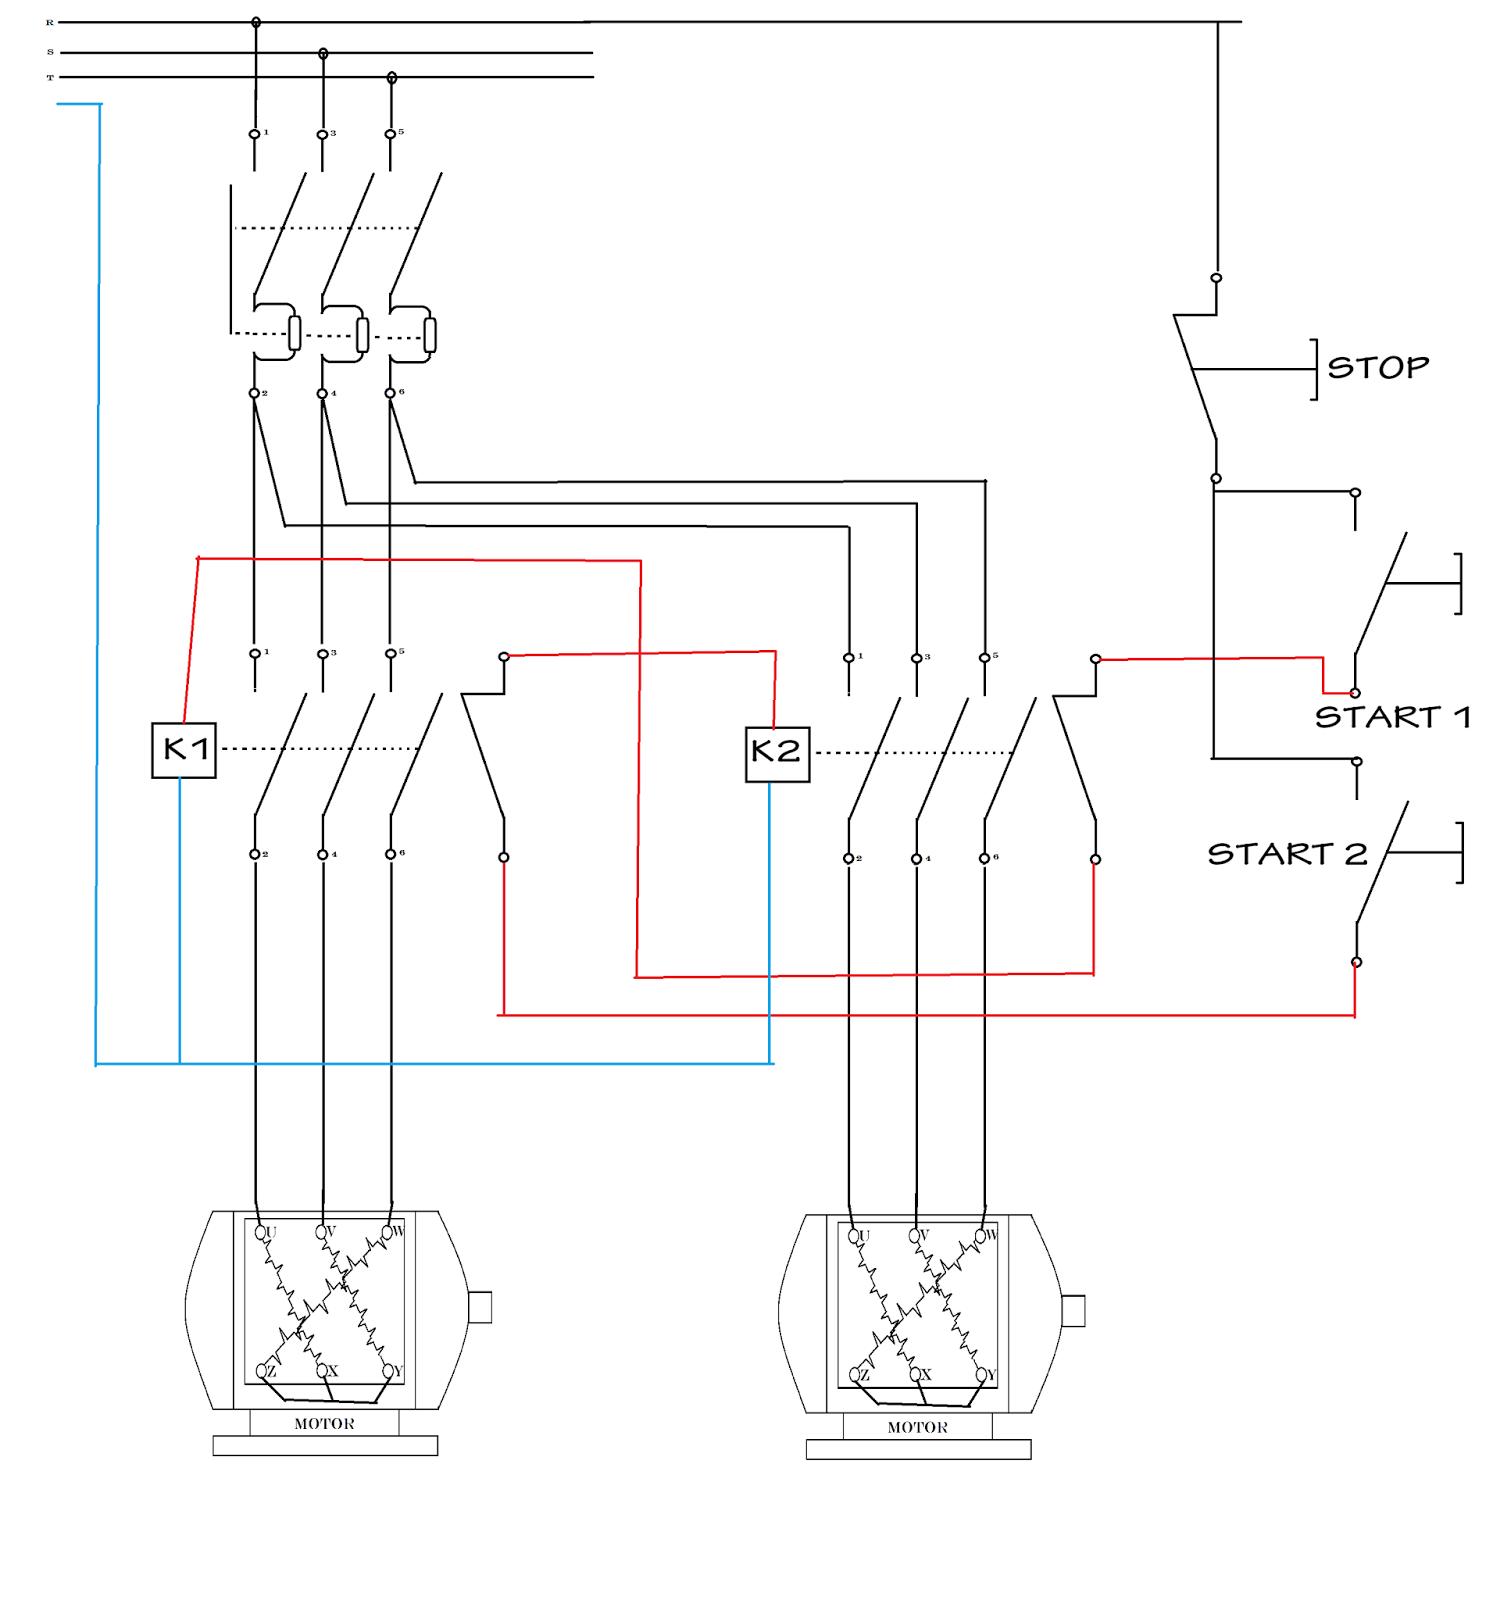 Fungsi Pengunci Dan Pengaman Kontaktor Magnet Pada Sistem Kontrol Wiring Diagram Motor 3 Phasa